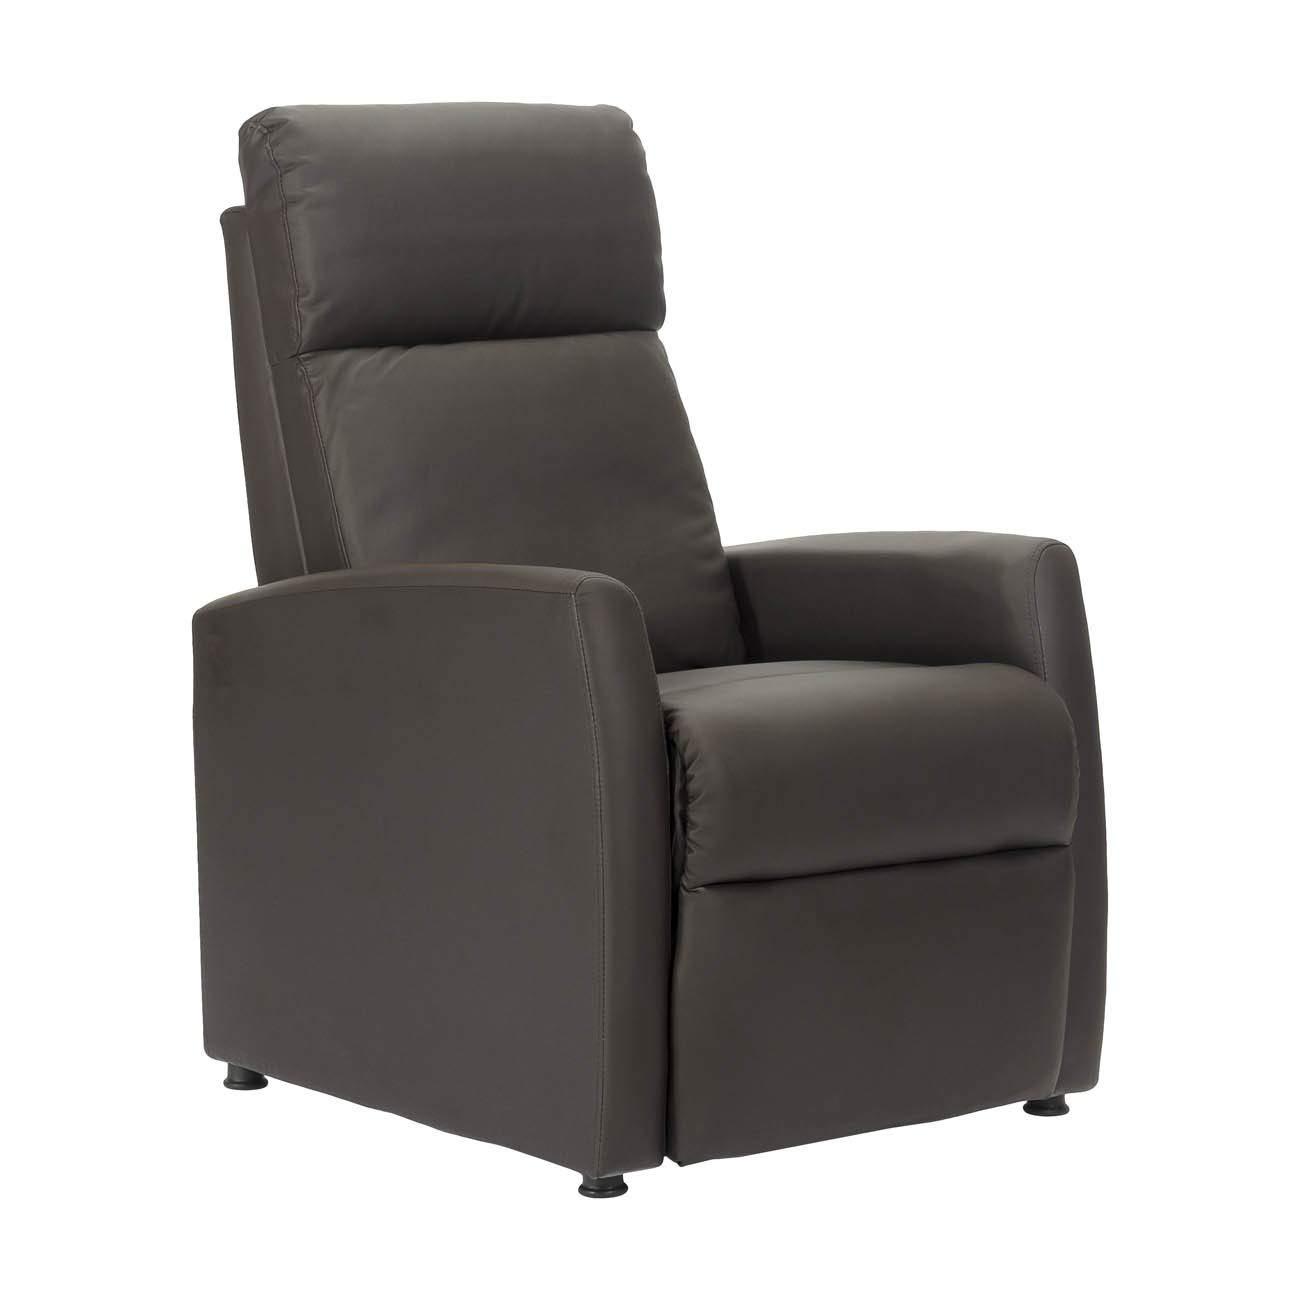 Sillon-Relax - Respaldo/piés reclinables con presión ...